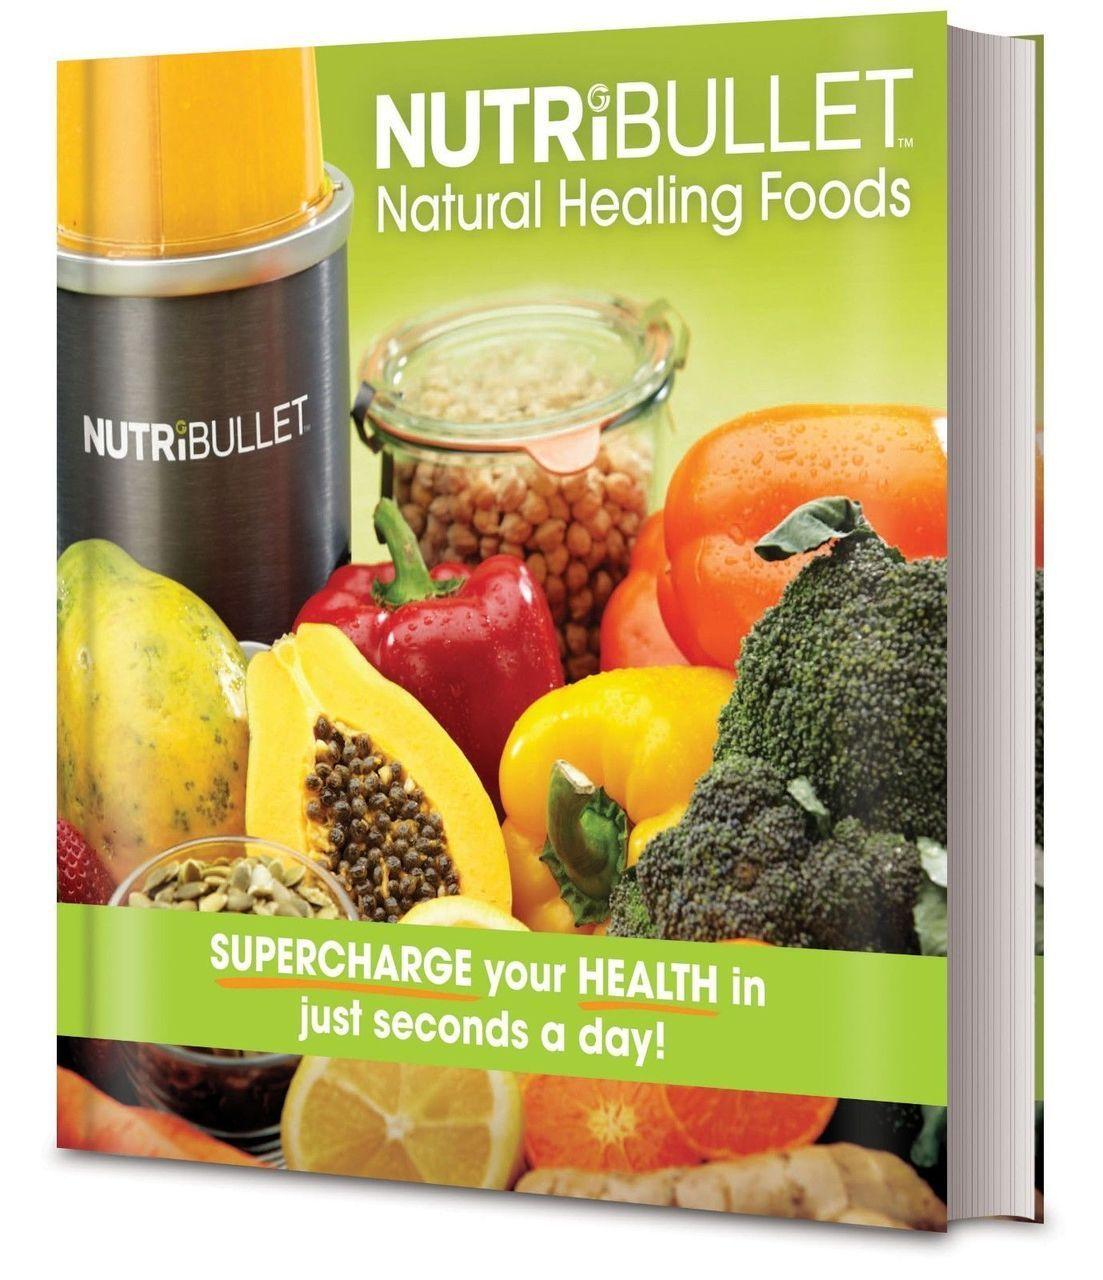 Super EZ Auction - Nutribullet Natural Healing Receipe Foods Book CookBook Hardcover for Sale!, $12.97 (http://www.superezauction.com/nutribullet-natural-healing-receipe-foods-book-cookbook-hardcover-for-sale/)